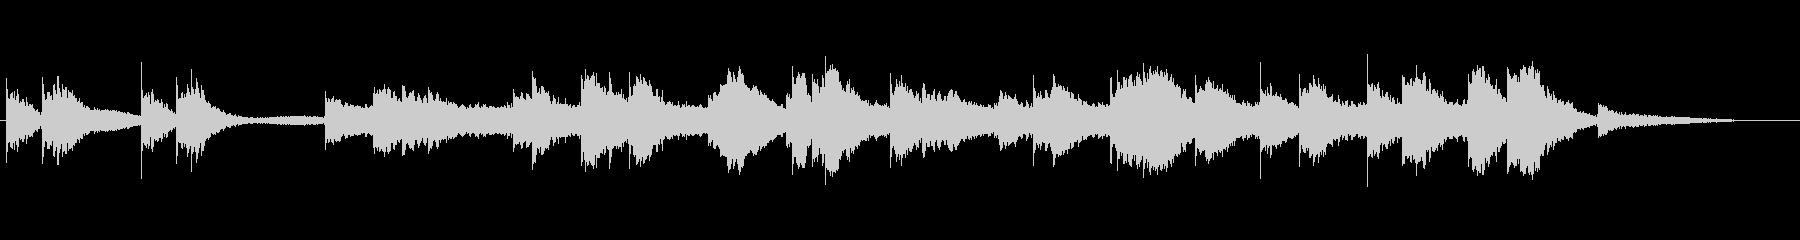 冷ややかなピアノのBGMの未再生の波形